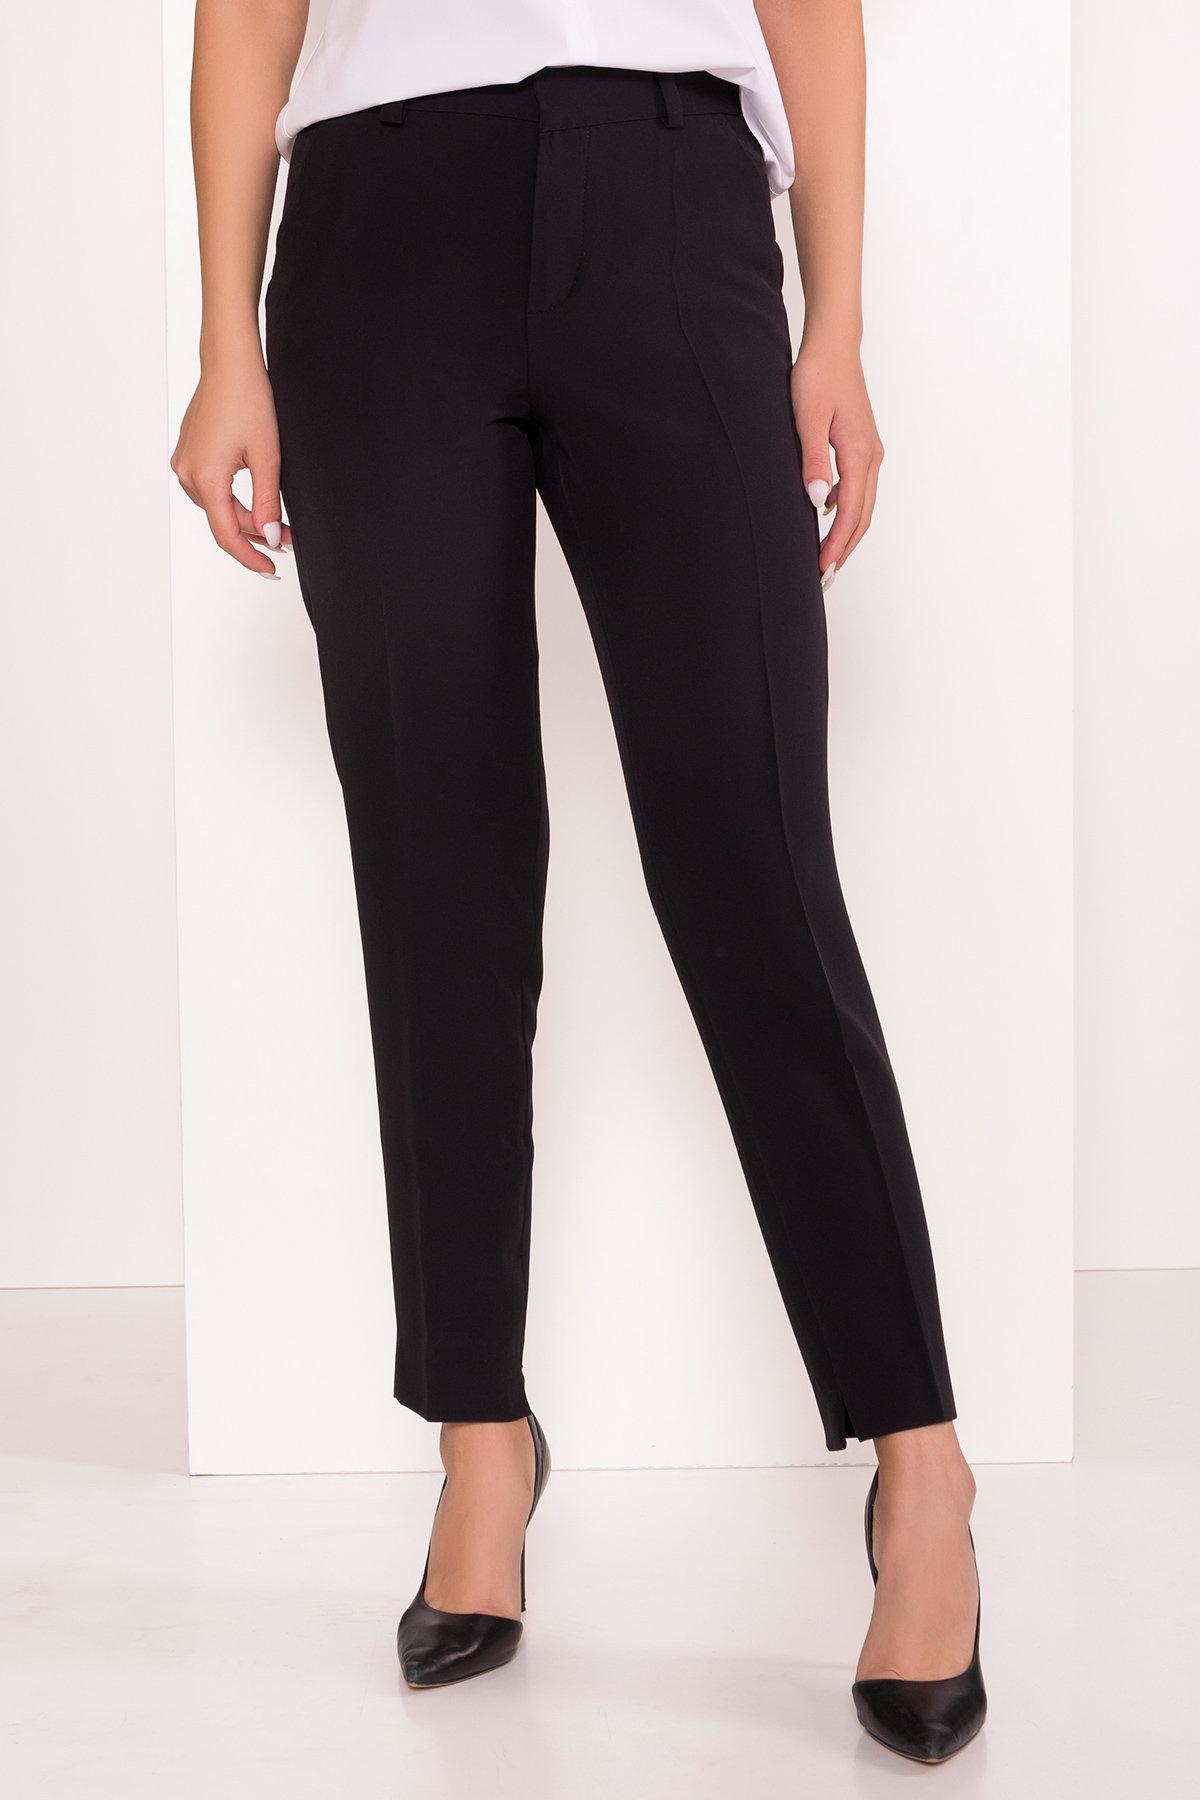 Базовые брюки со стрелками Эдвин 2467 АРТ. 16304 Цвет: Черный - фото 5, интернет магазин tm-modus.ru